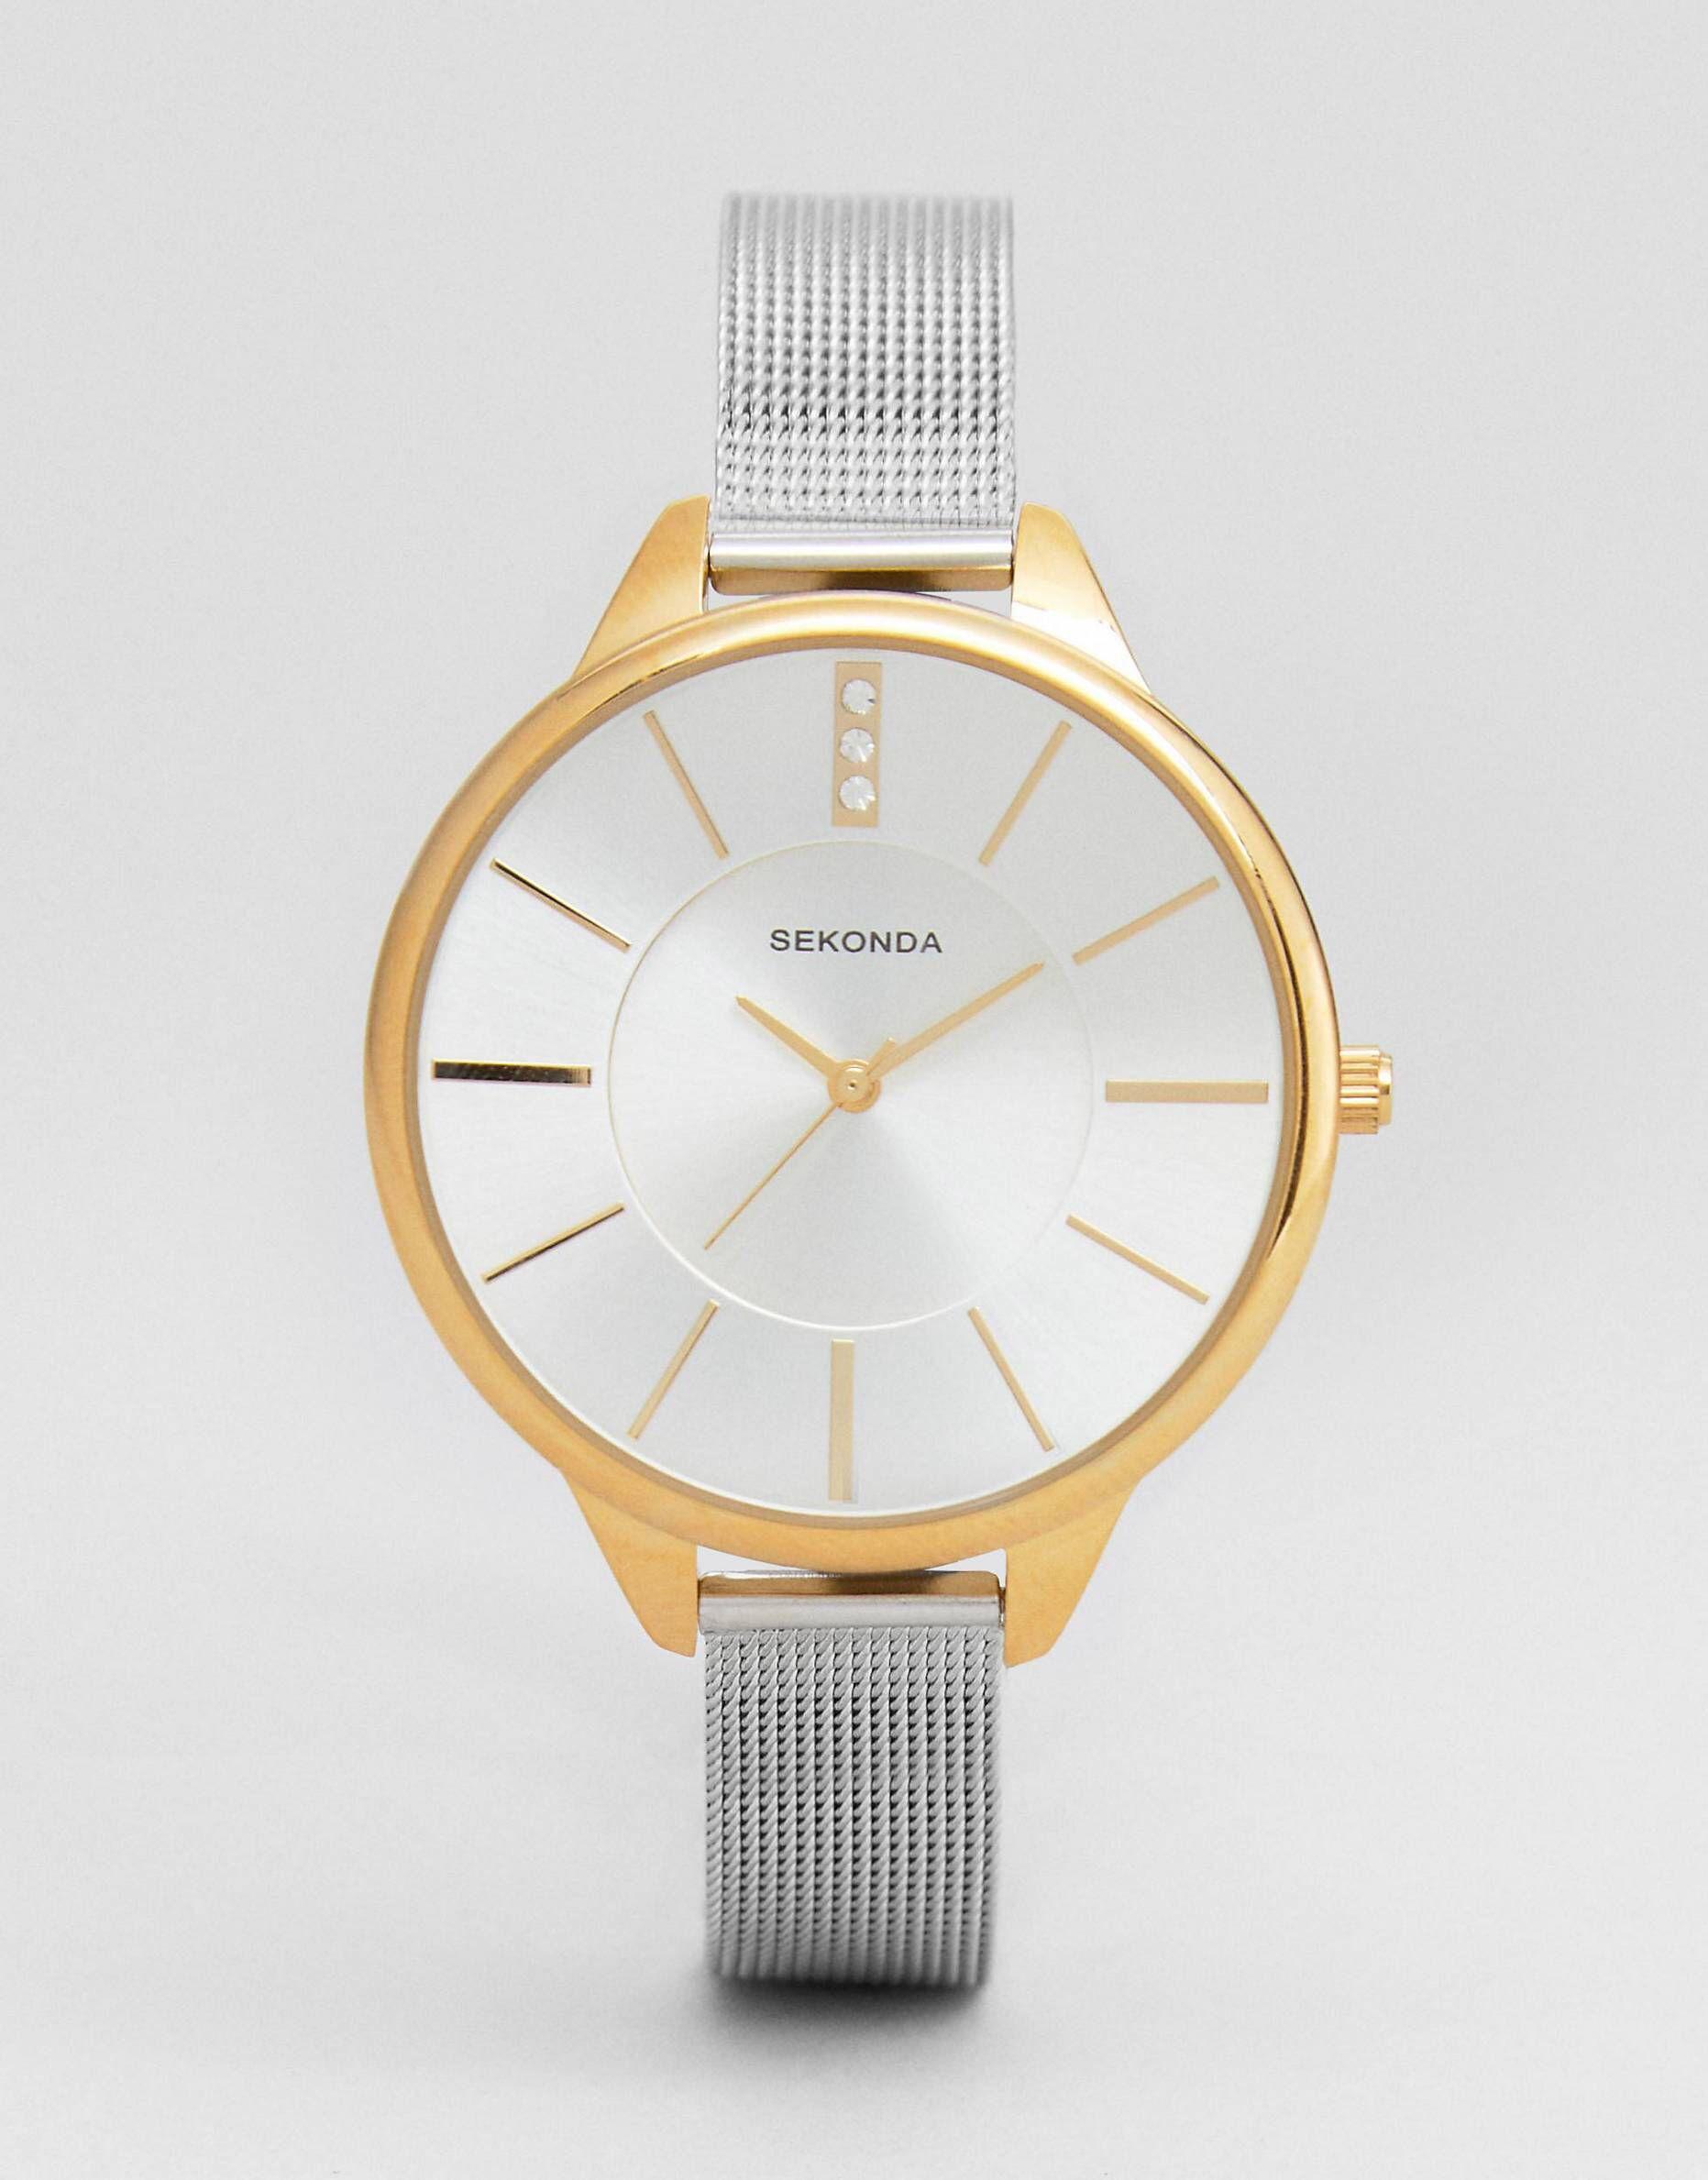 0e1af2d19f2c Reloj de malla en plateado dorado exclusivo en ASOS de Sekonda